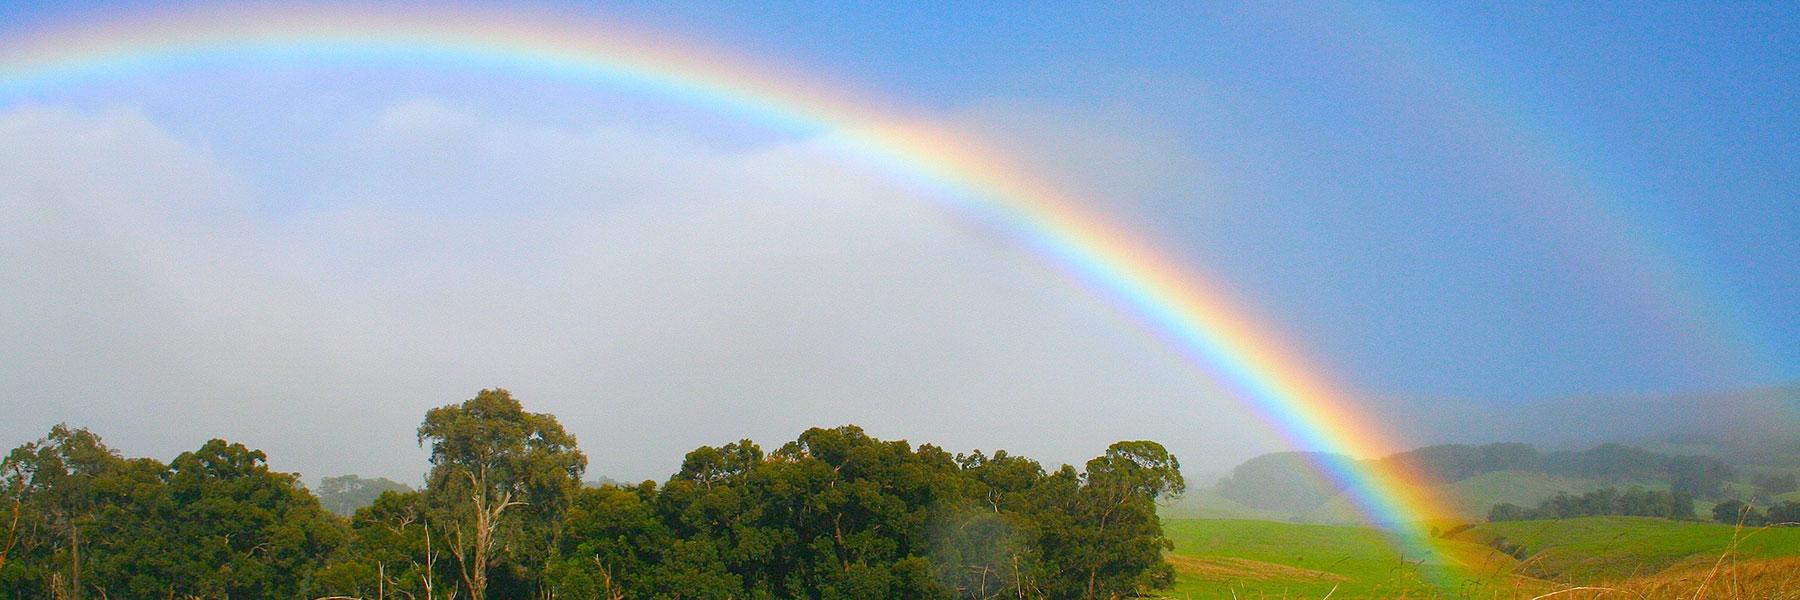 hawaii-rainbow